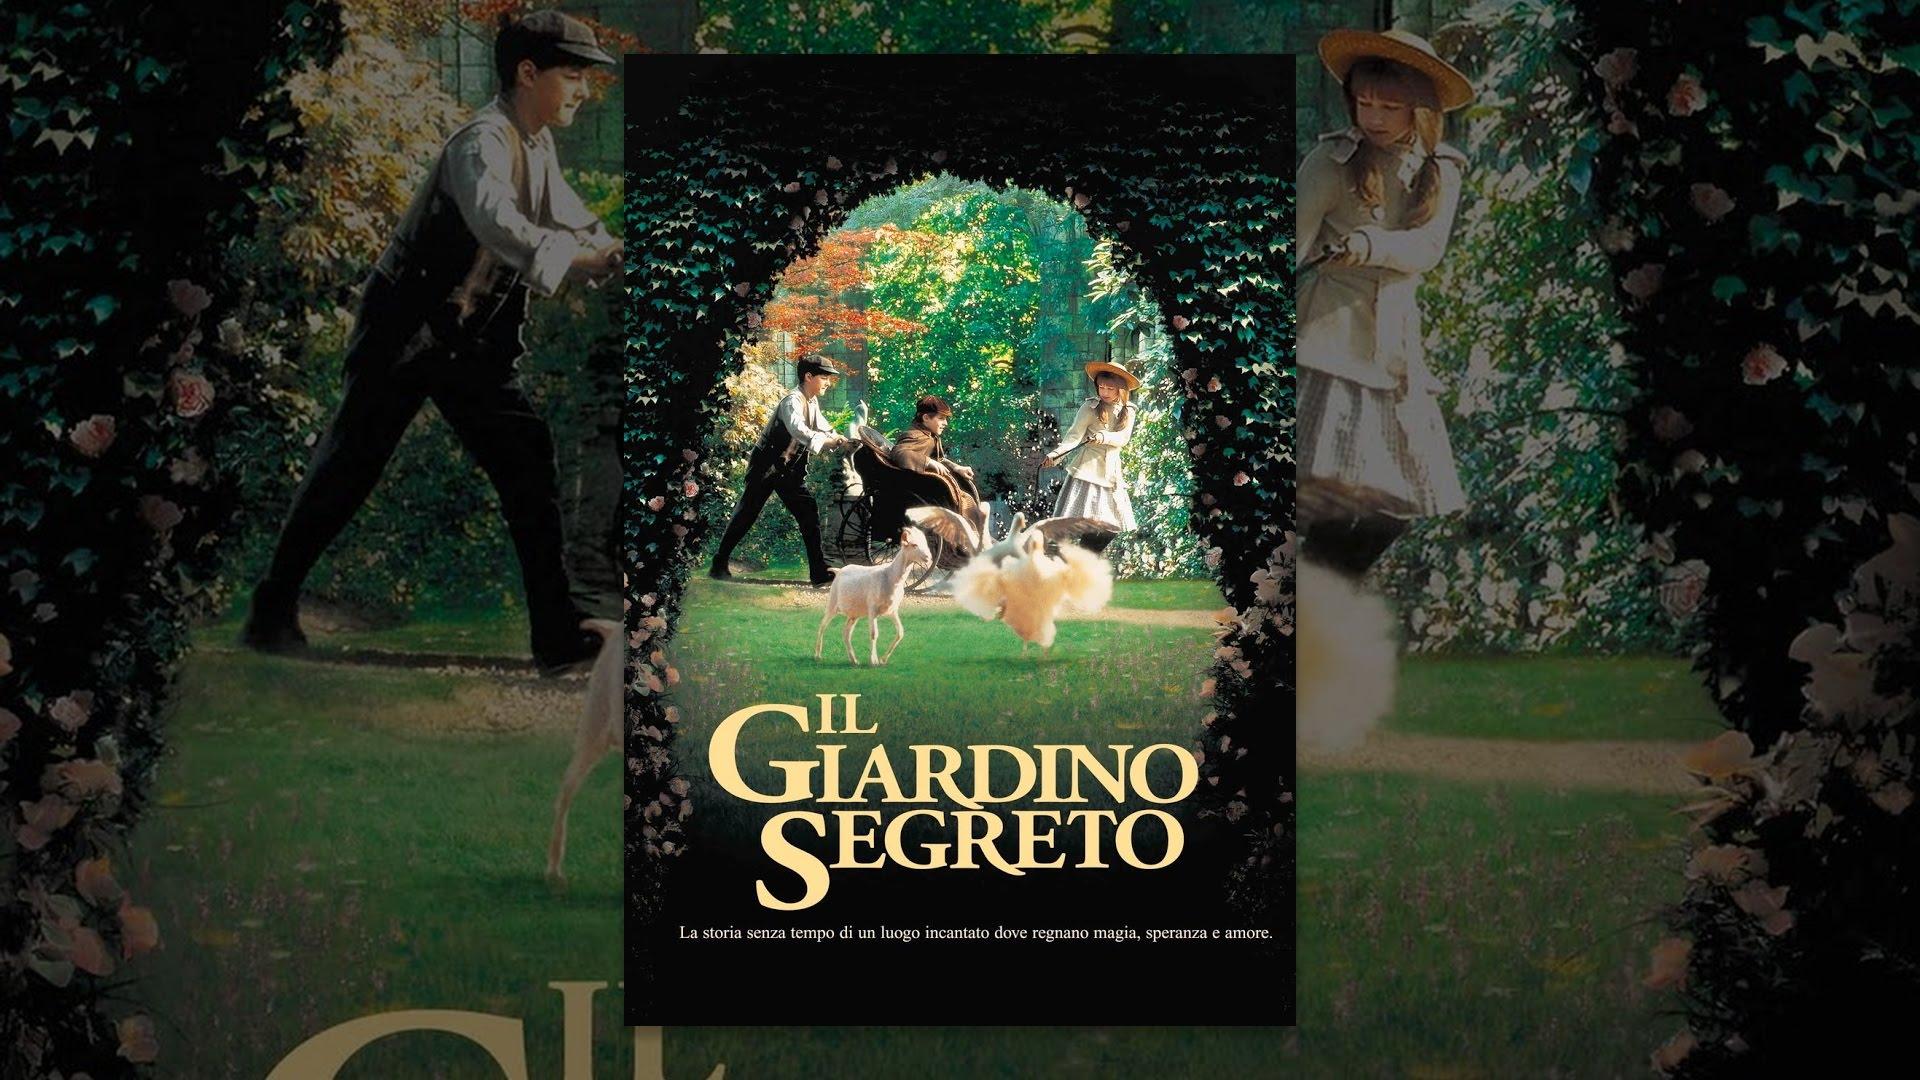 Il giardino segreto youtube - Il giardino segreto napoli ...